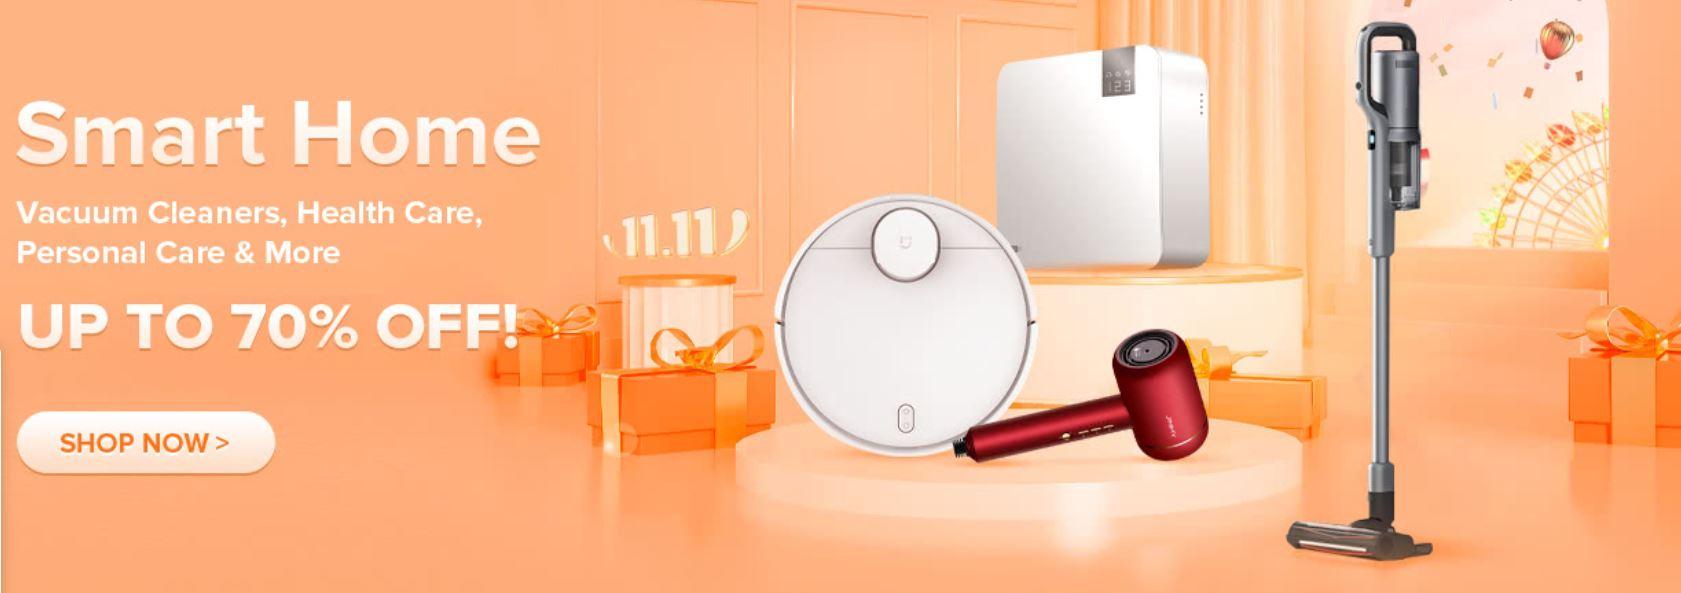 Promocje sprzętu Smart Home, czyli kody na elektronikę domową